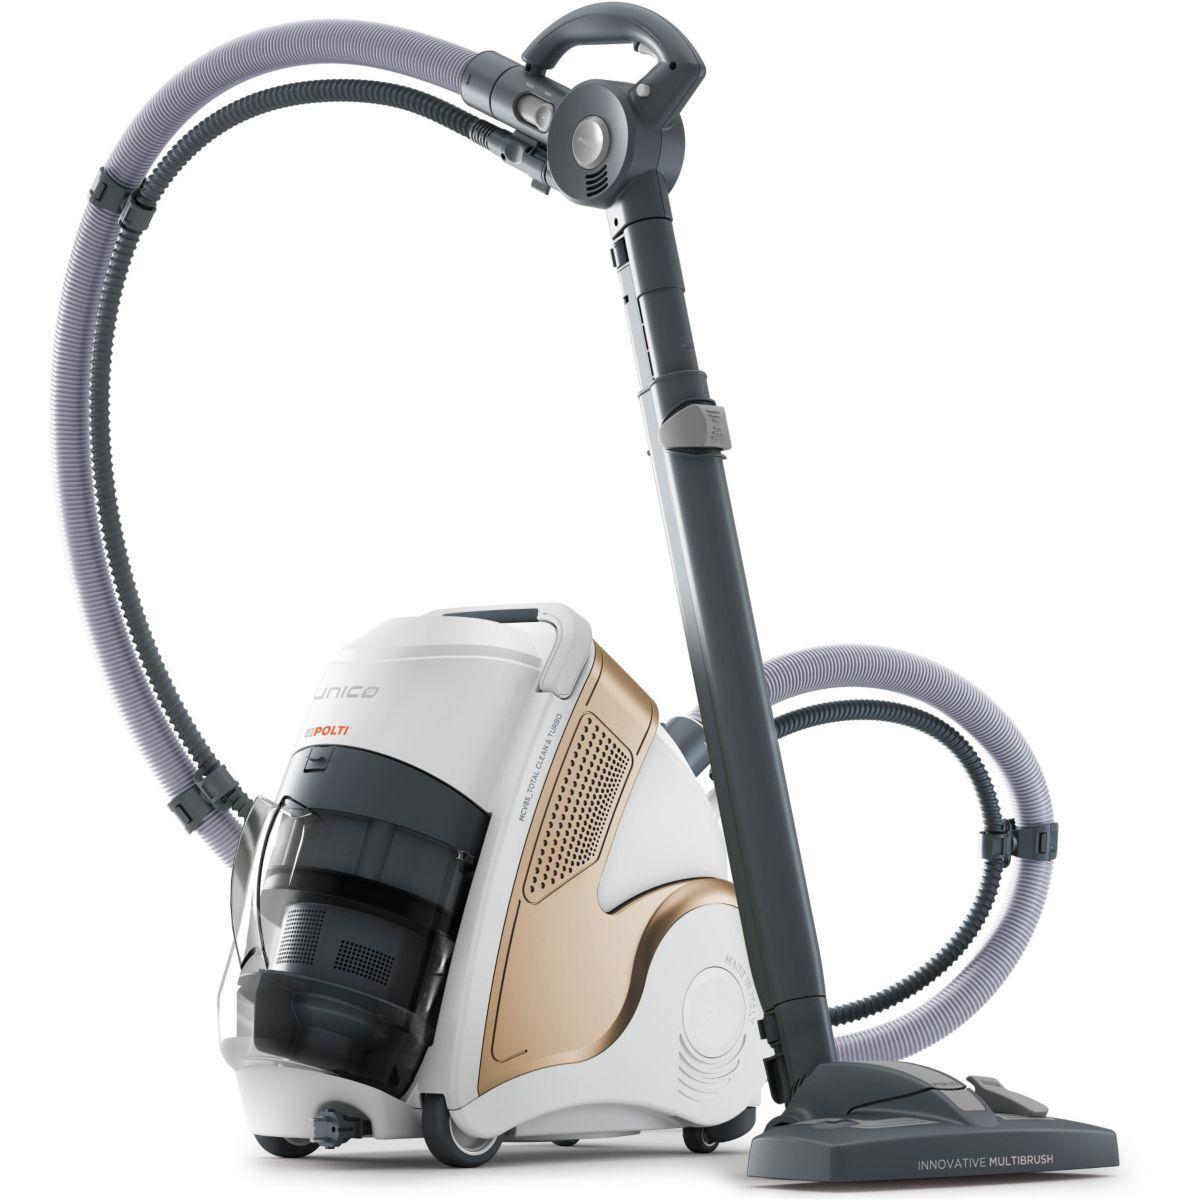 Aspirateur nettoyeur vapeur polti unico mcv85 total clean &amp...